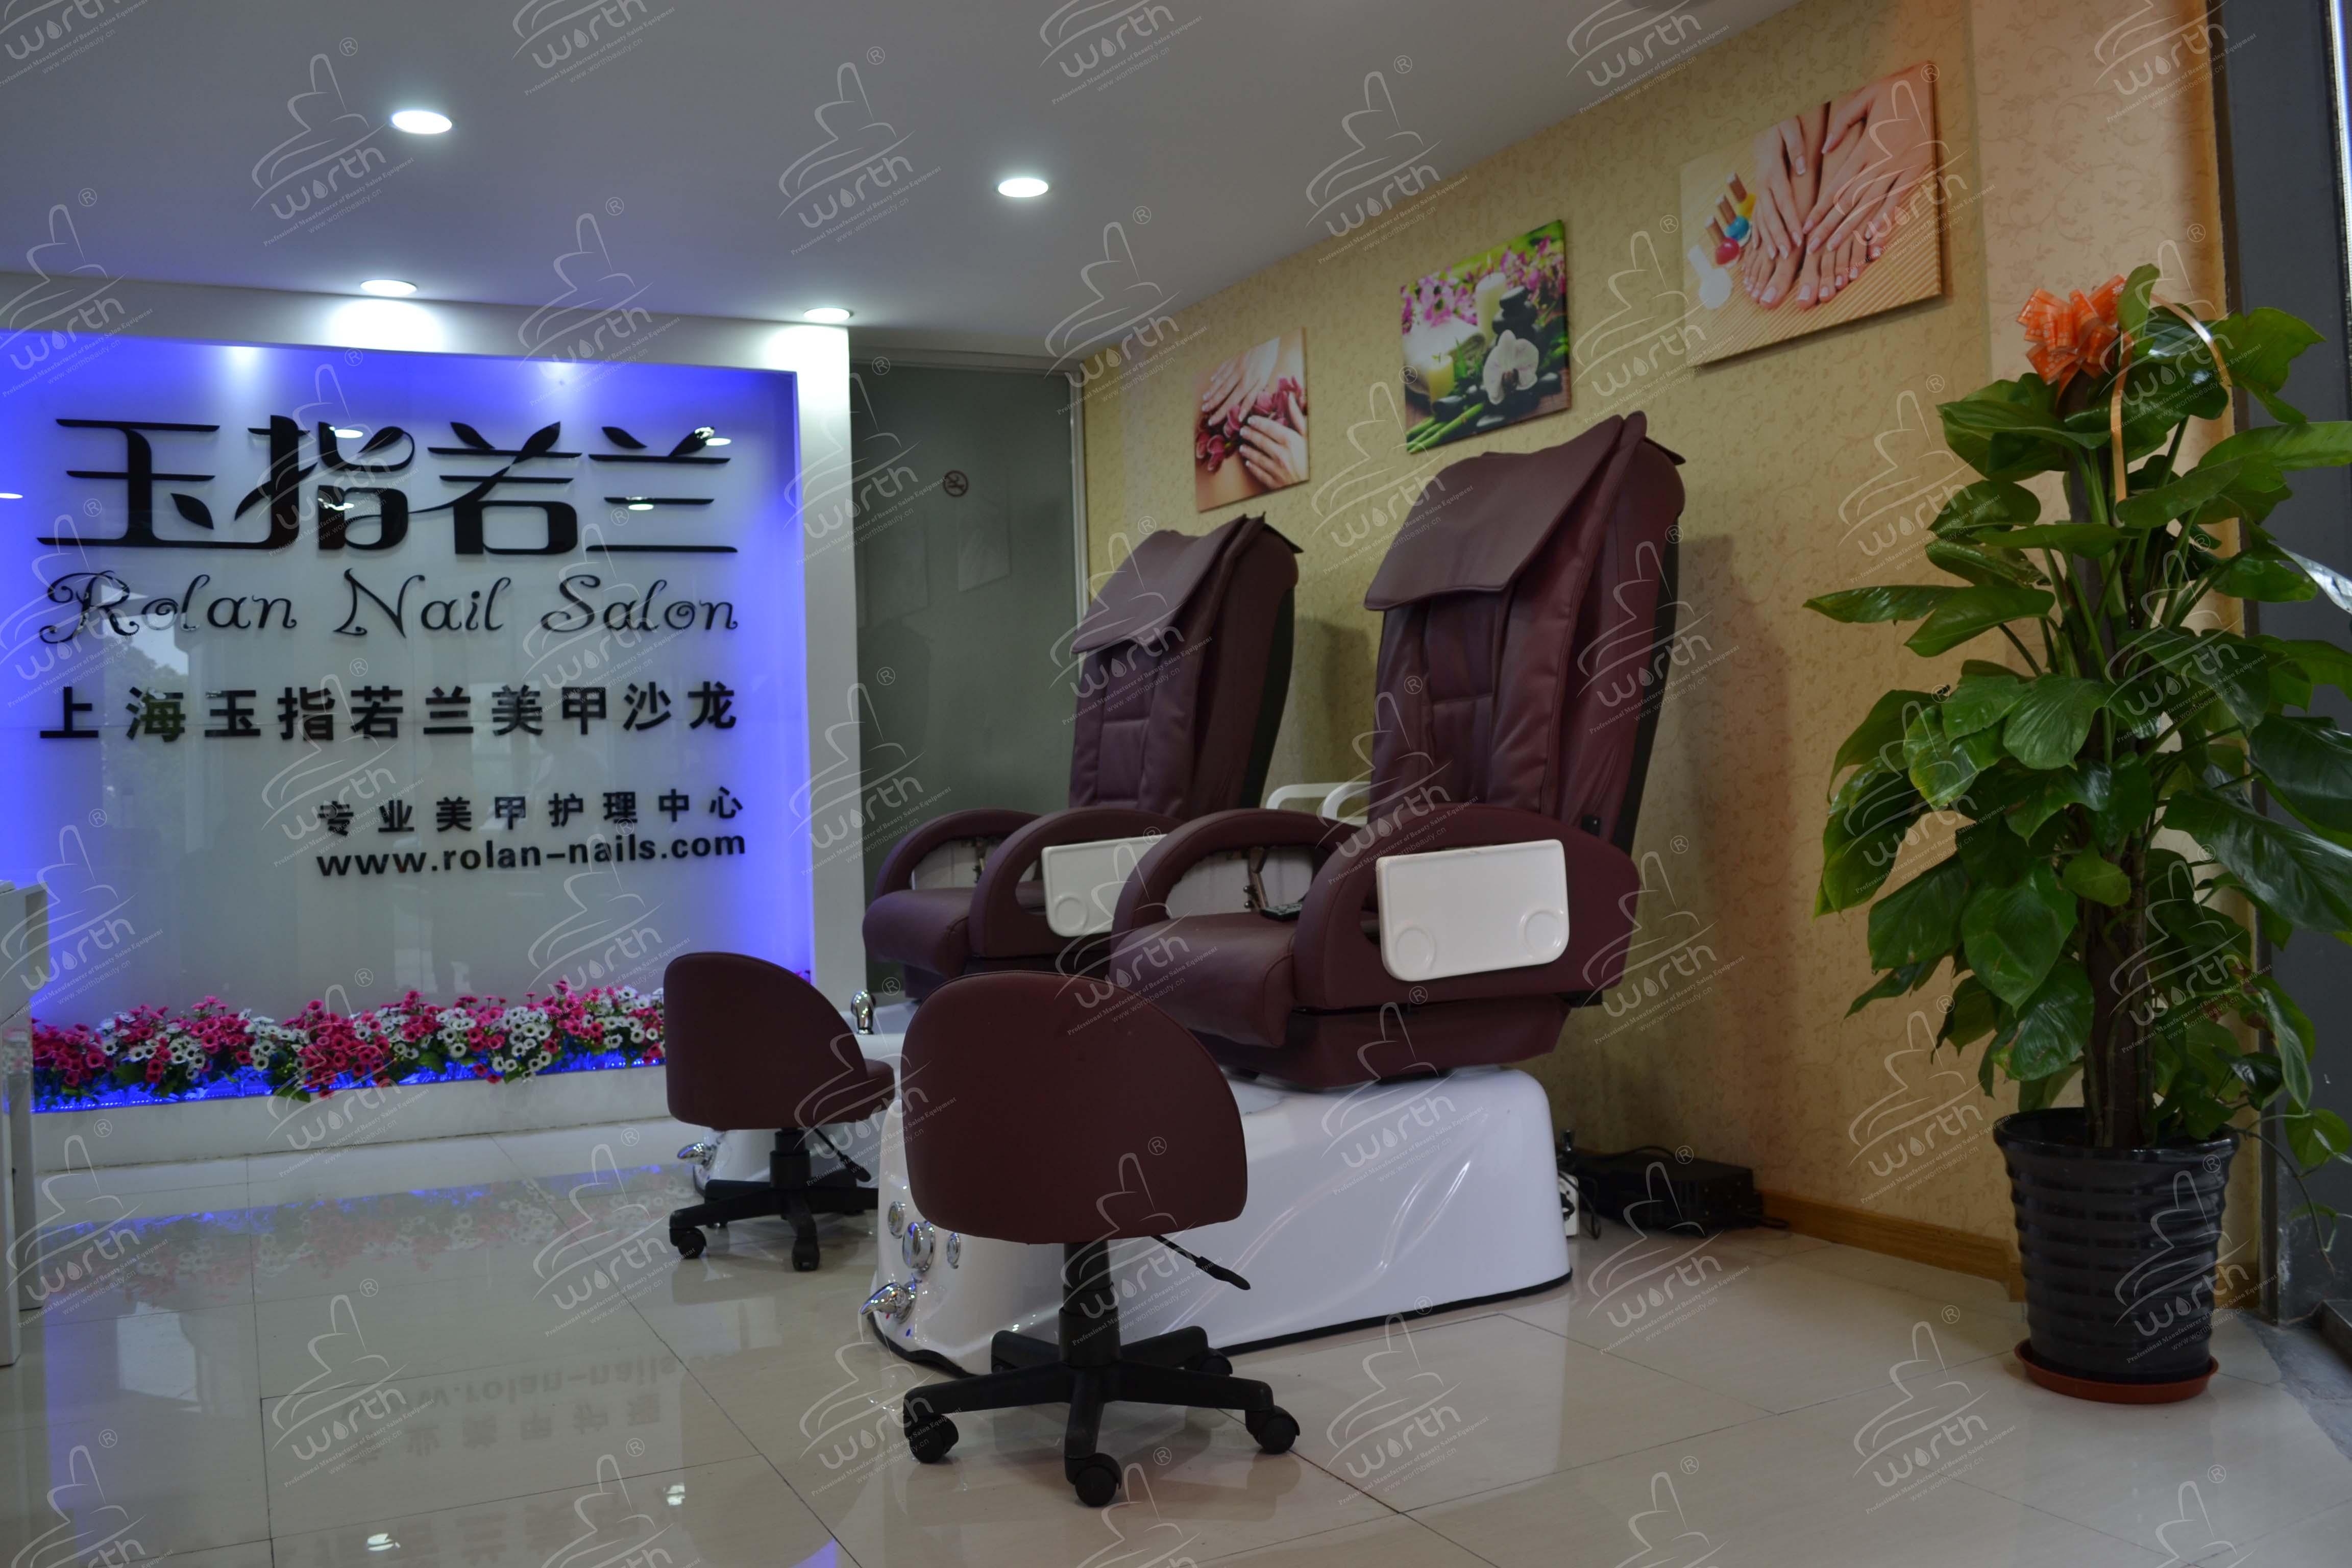 Shanghai Worth Sanitary Equipment Co Ltd Pedicure Chair